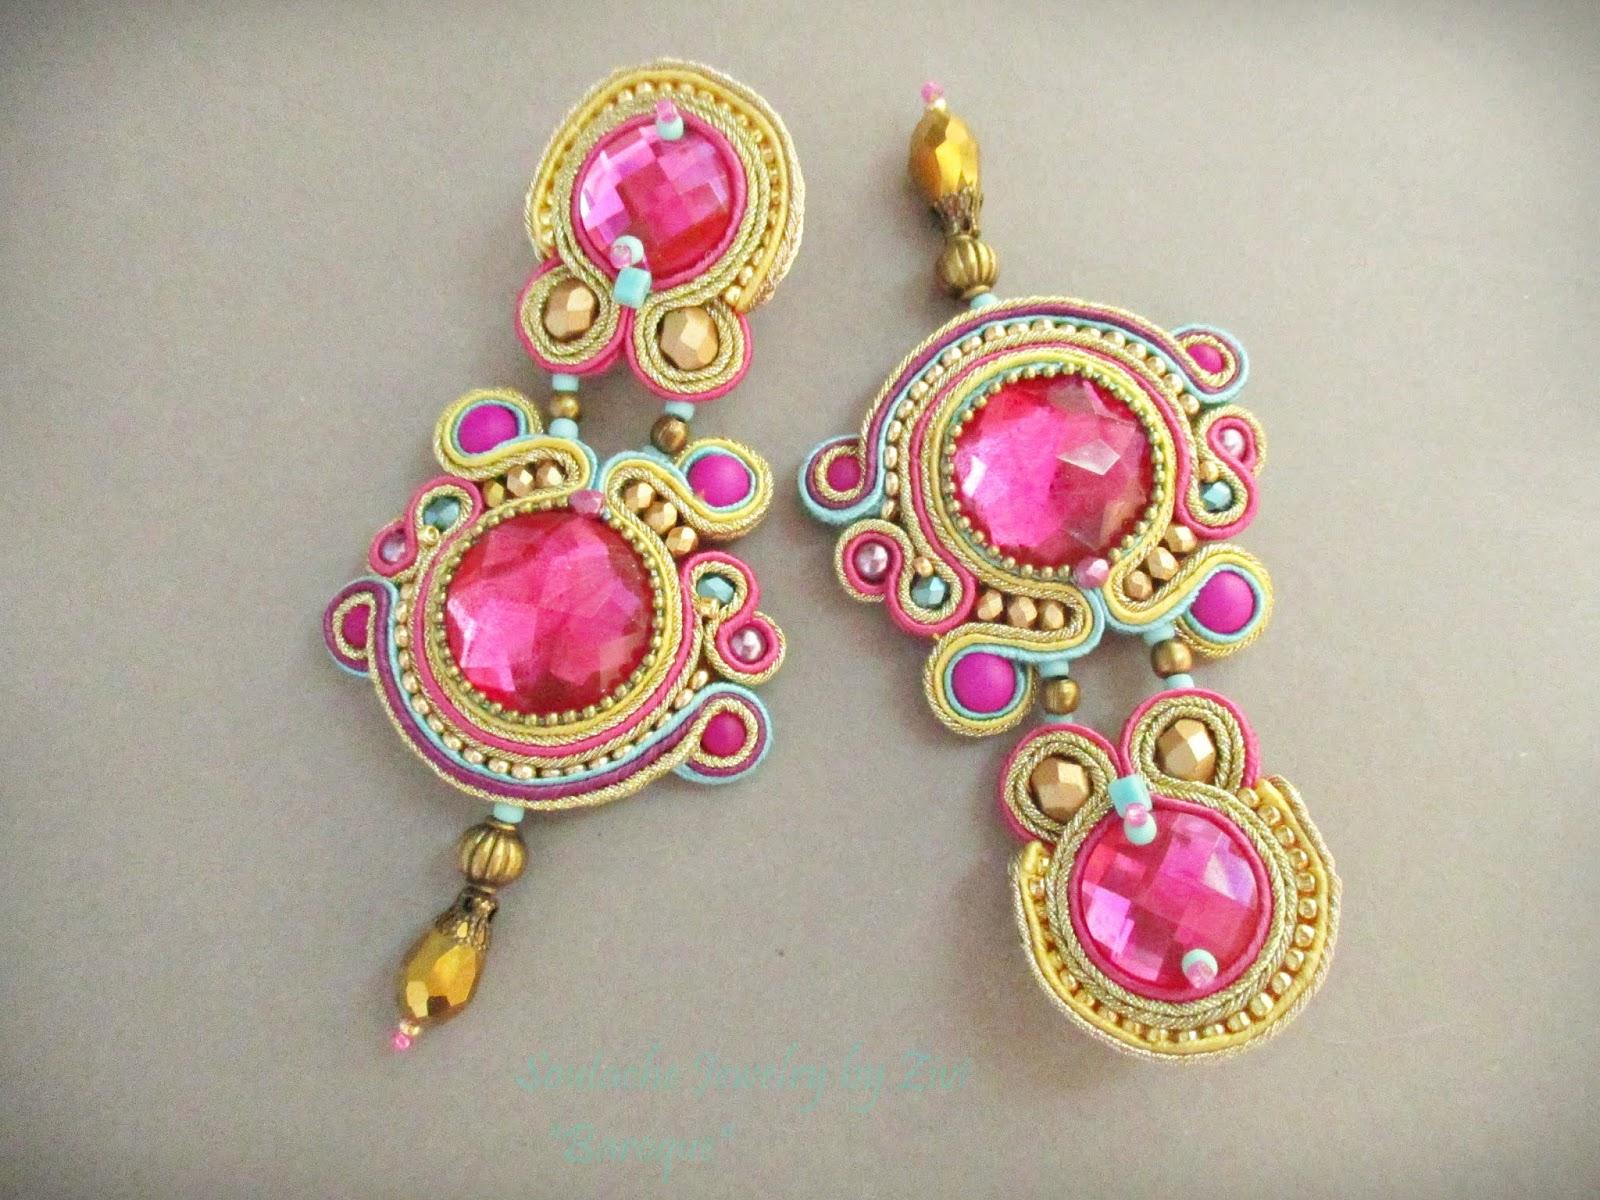 6f57273b6233 Pendientes de soutache en tonos fucsia y dorado con toques de turquesa y  morado hechos por encargo para traje de flamenca.